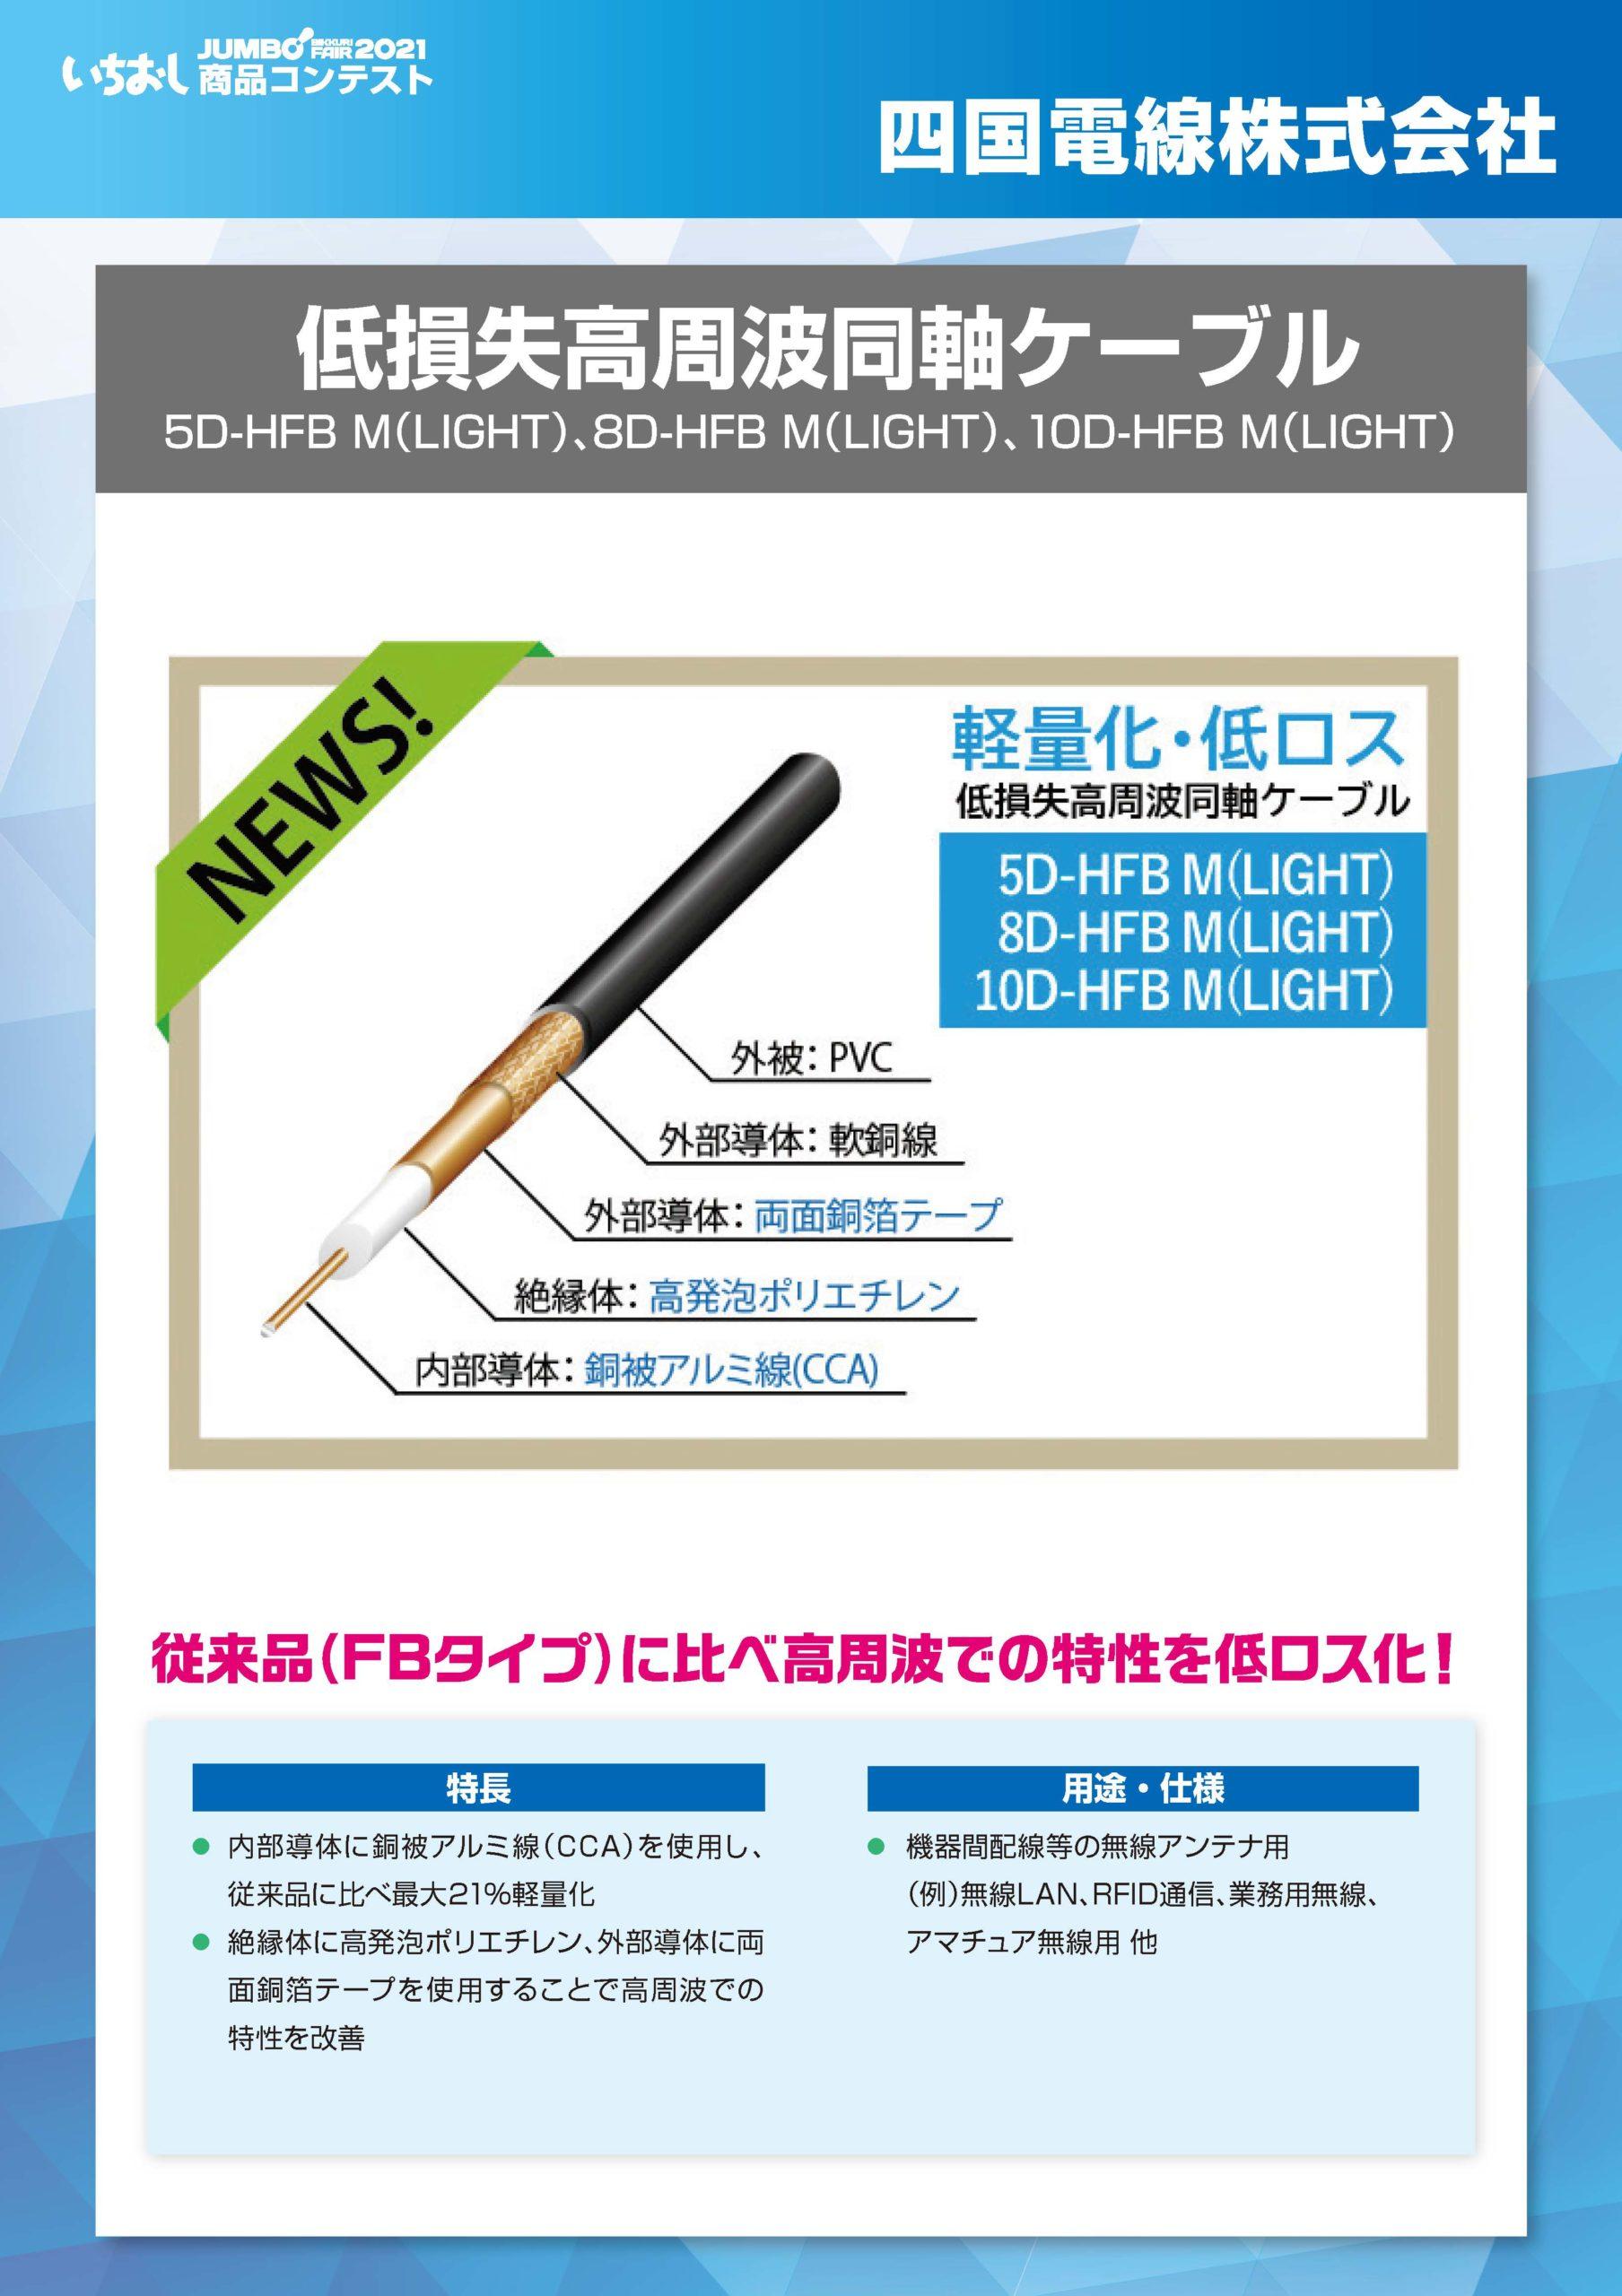 「低損失高周波同軸ケーブル」四国電線株式会社の画像